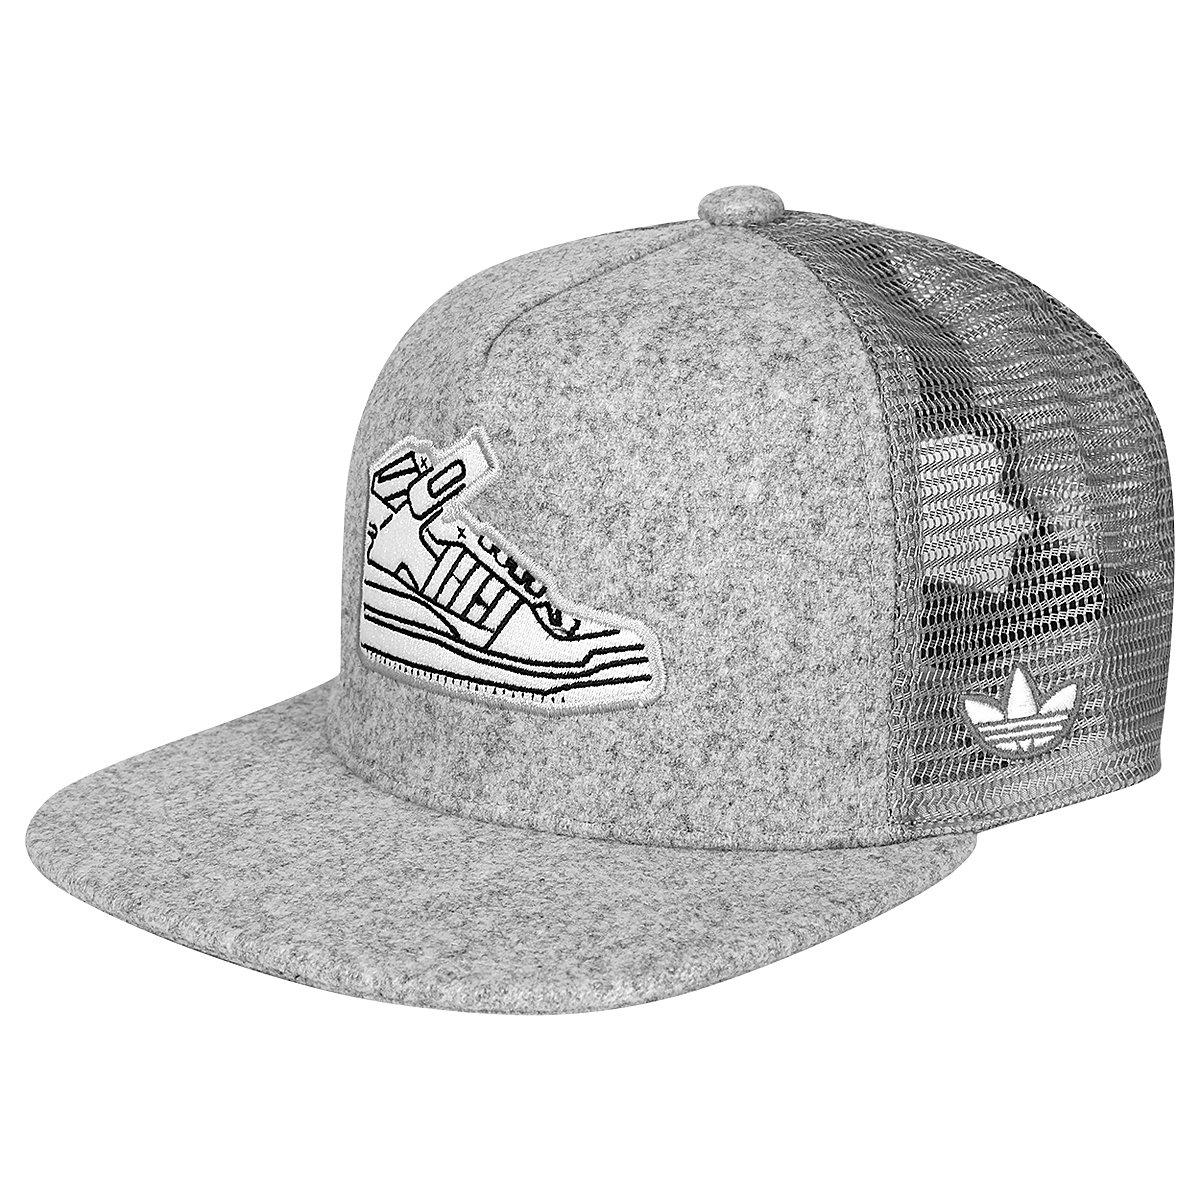 Boné Adidas Originals Trucker Sneaker - Compre Agora  e280a307e41